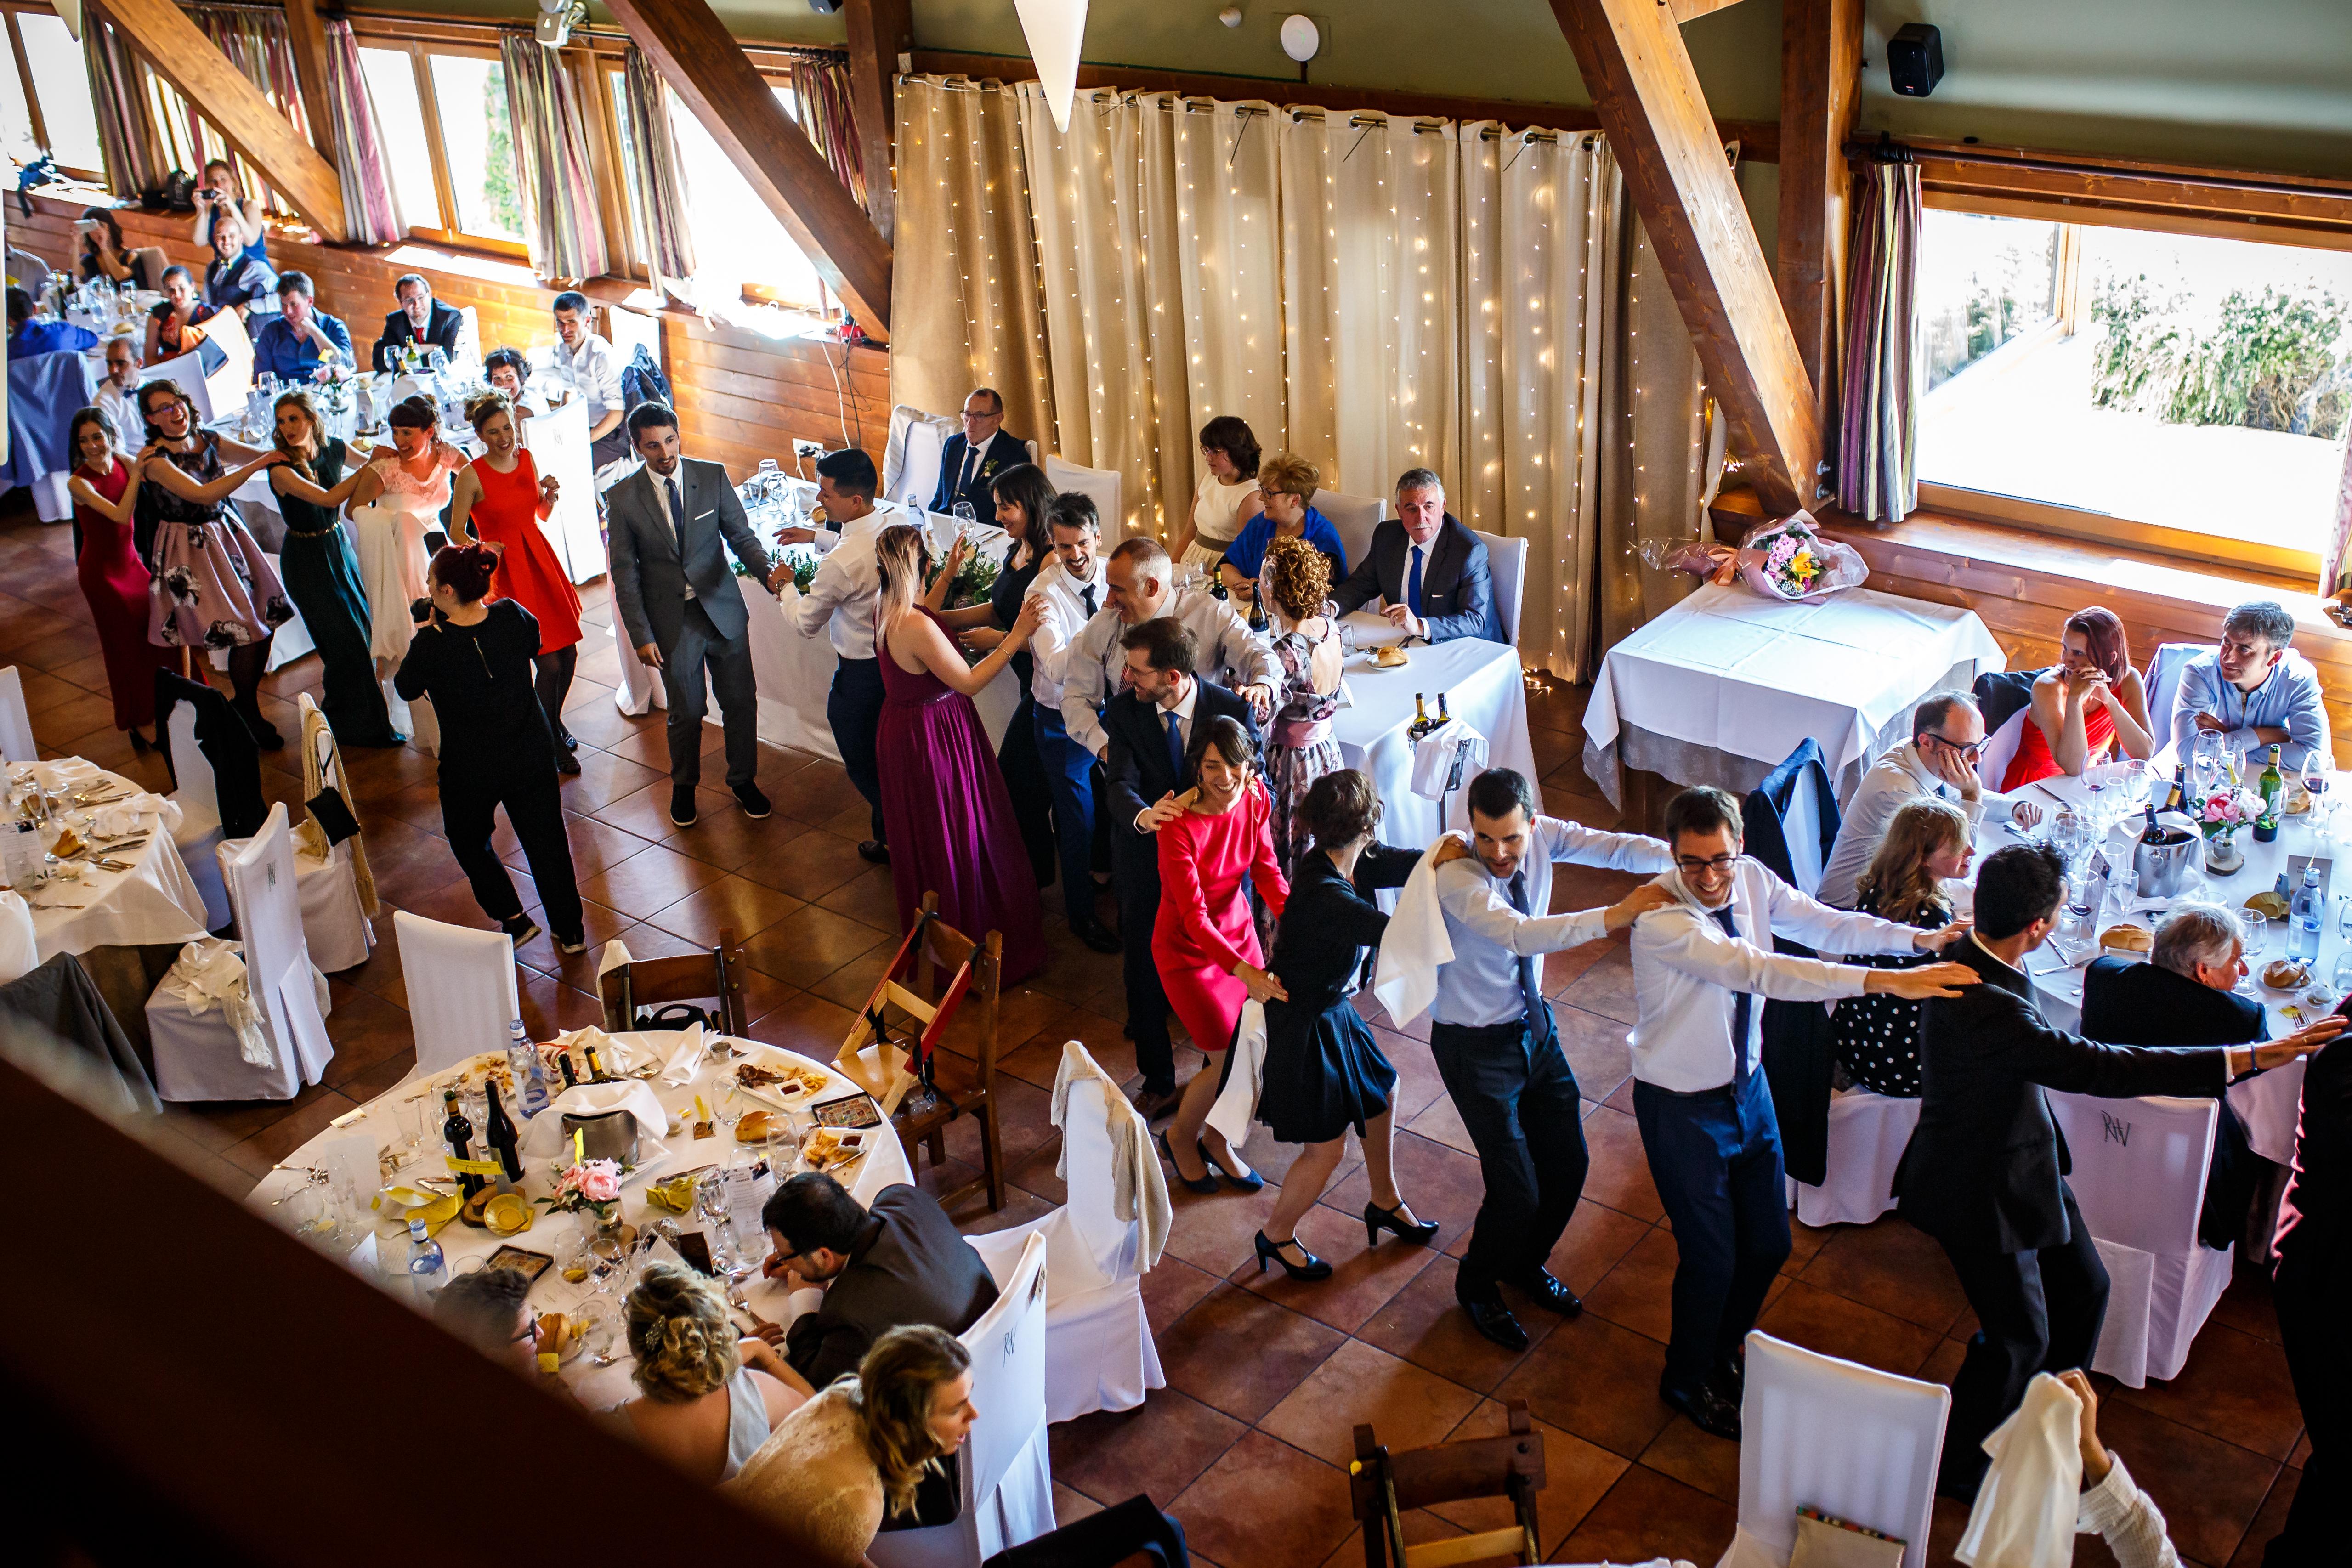 los invitados de la boda bailan una conga en mitad del banquete en una boda en laguardia